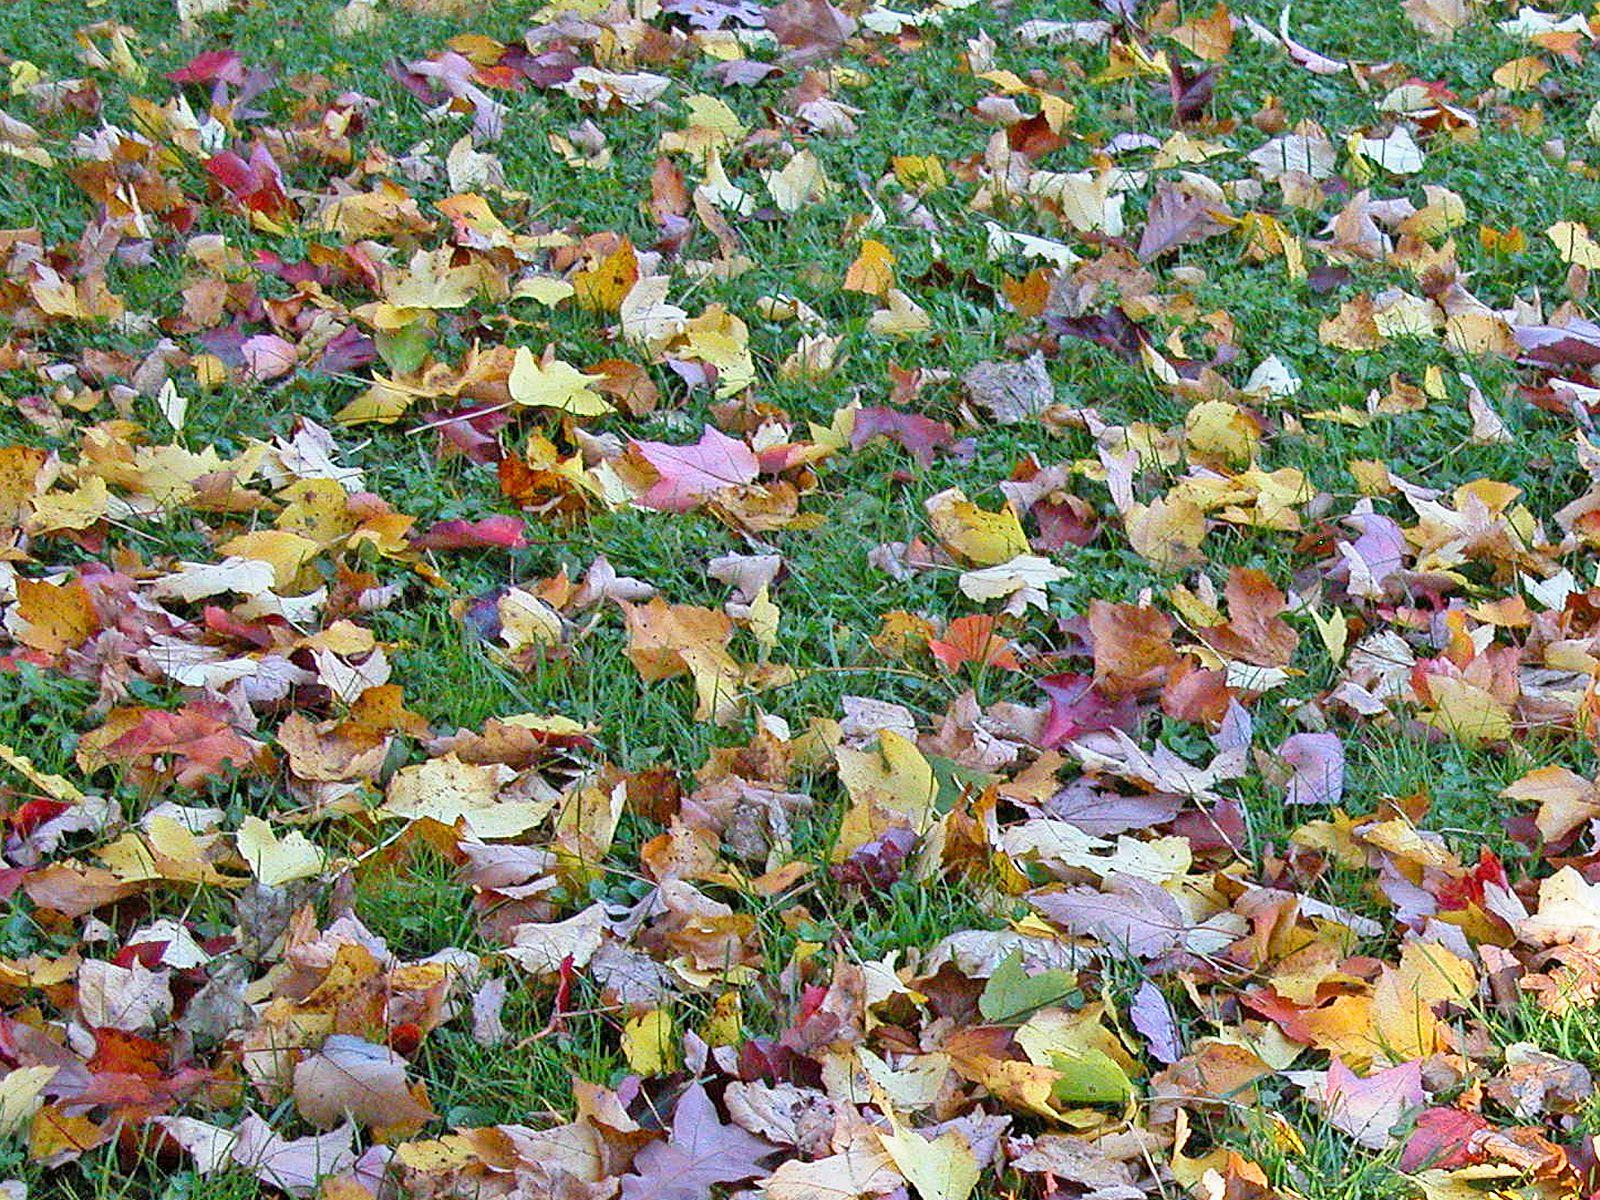 fallen leaves on grass